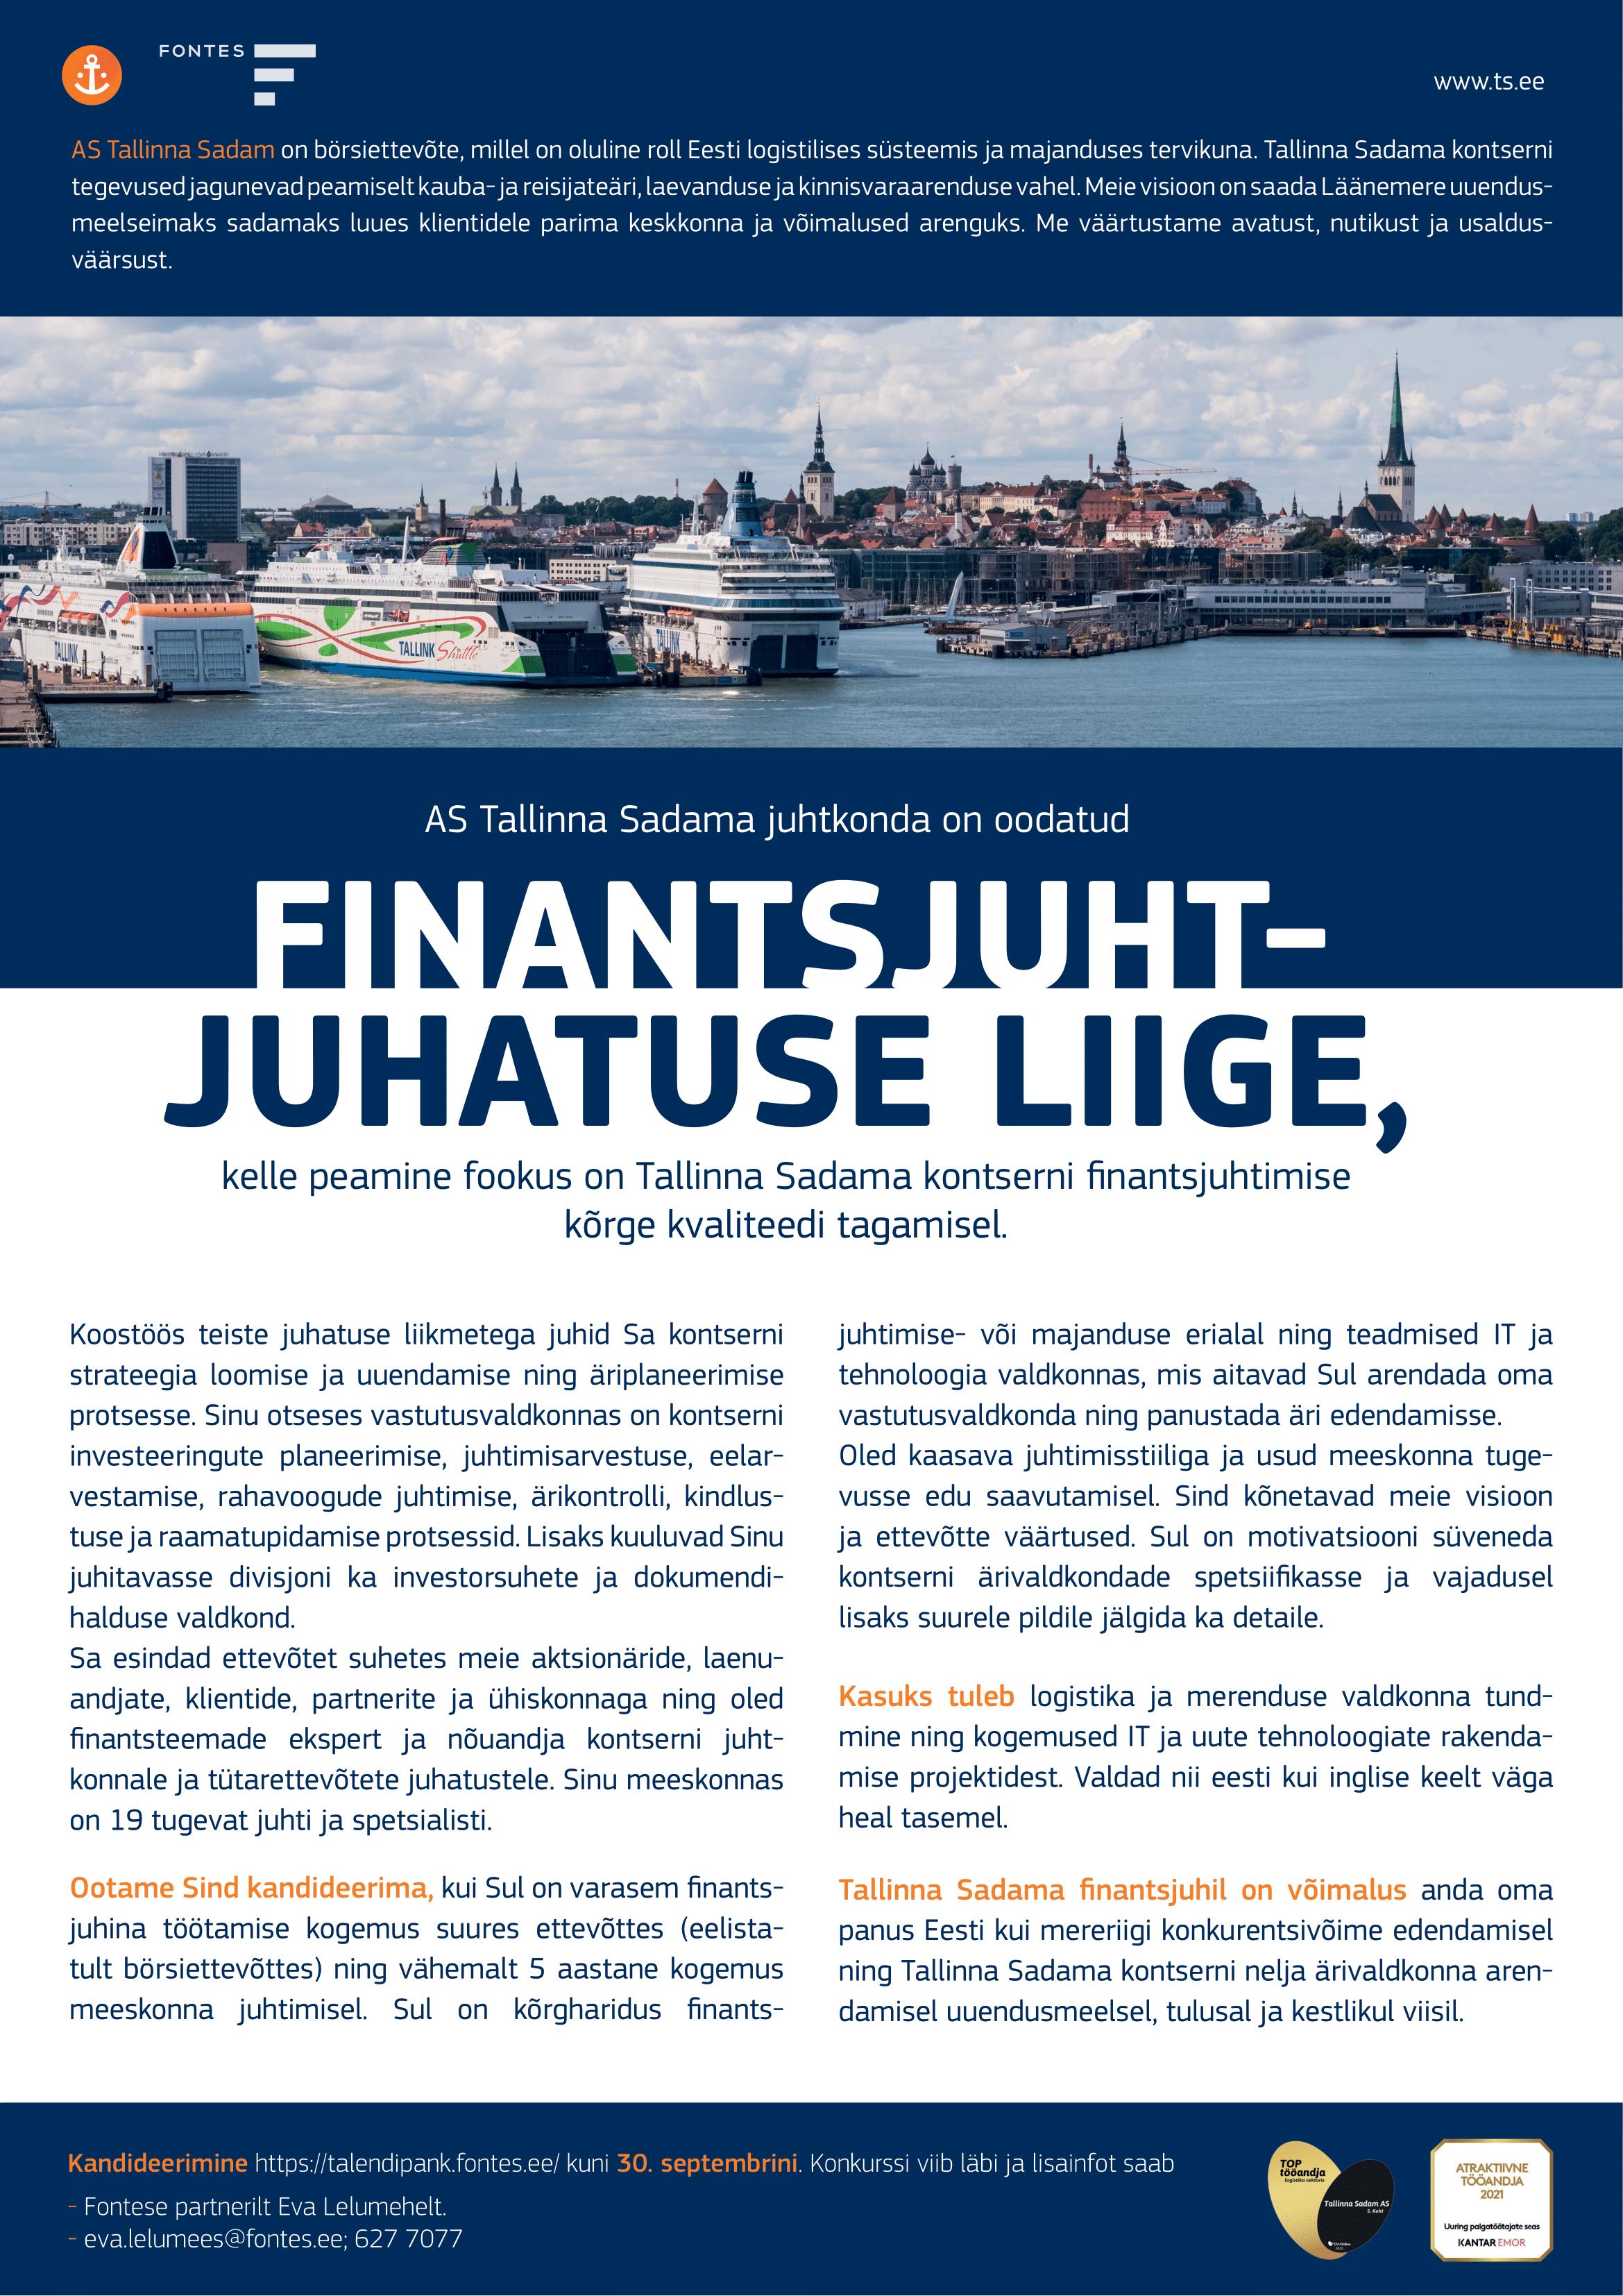 FINANTSJUHT - JUHATUSE LIIGE